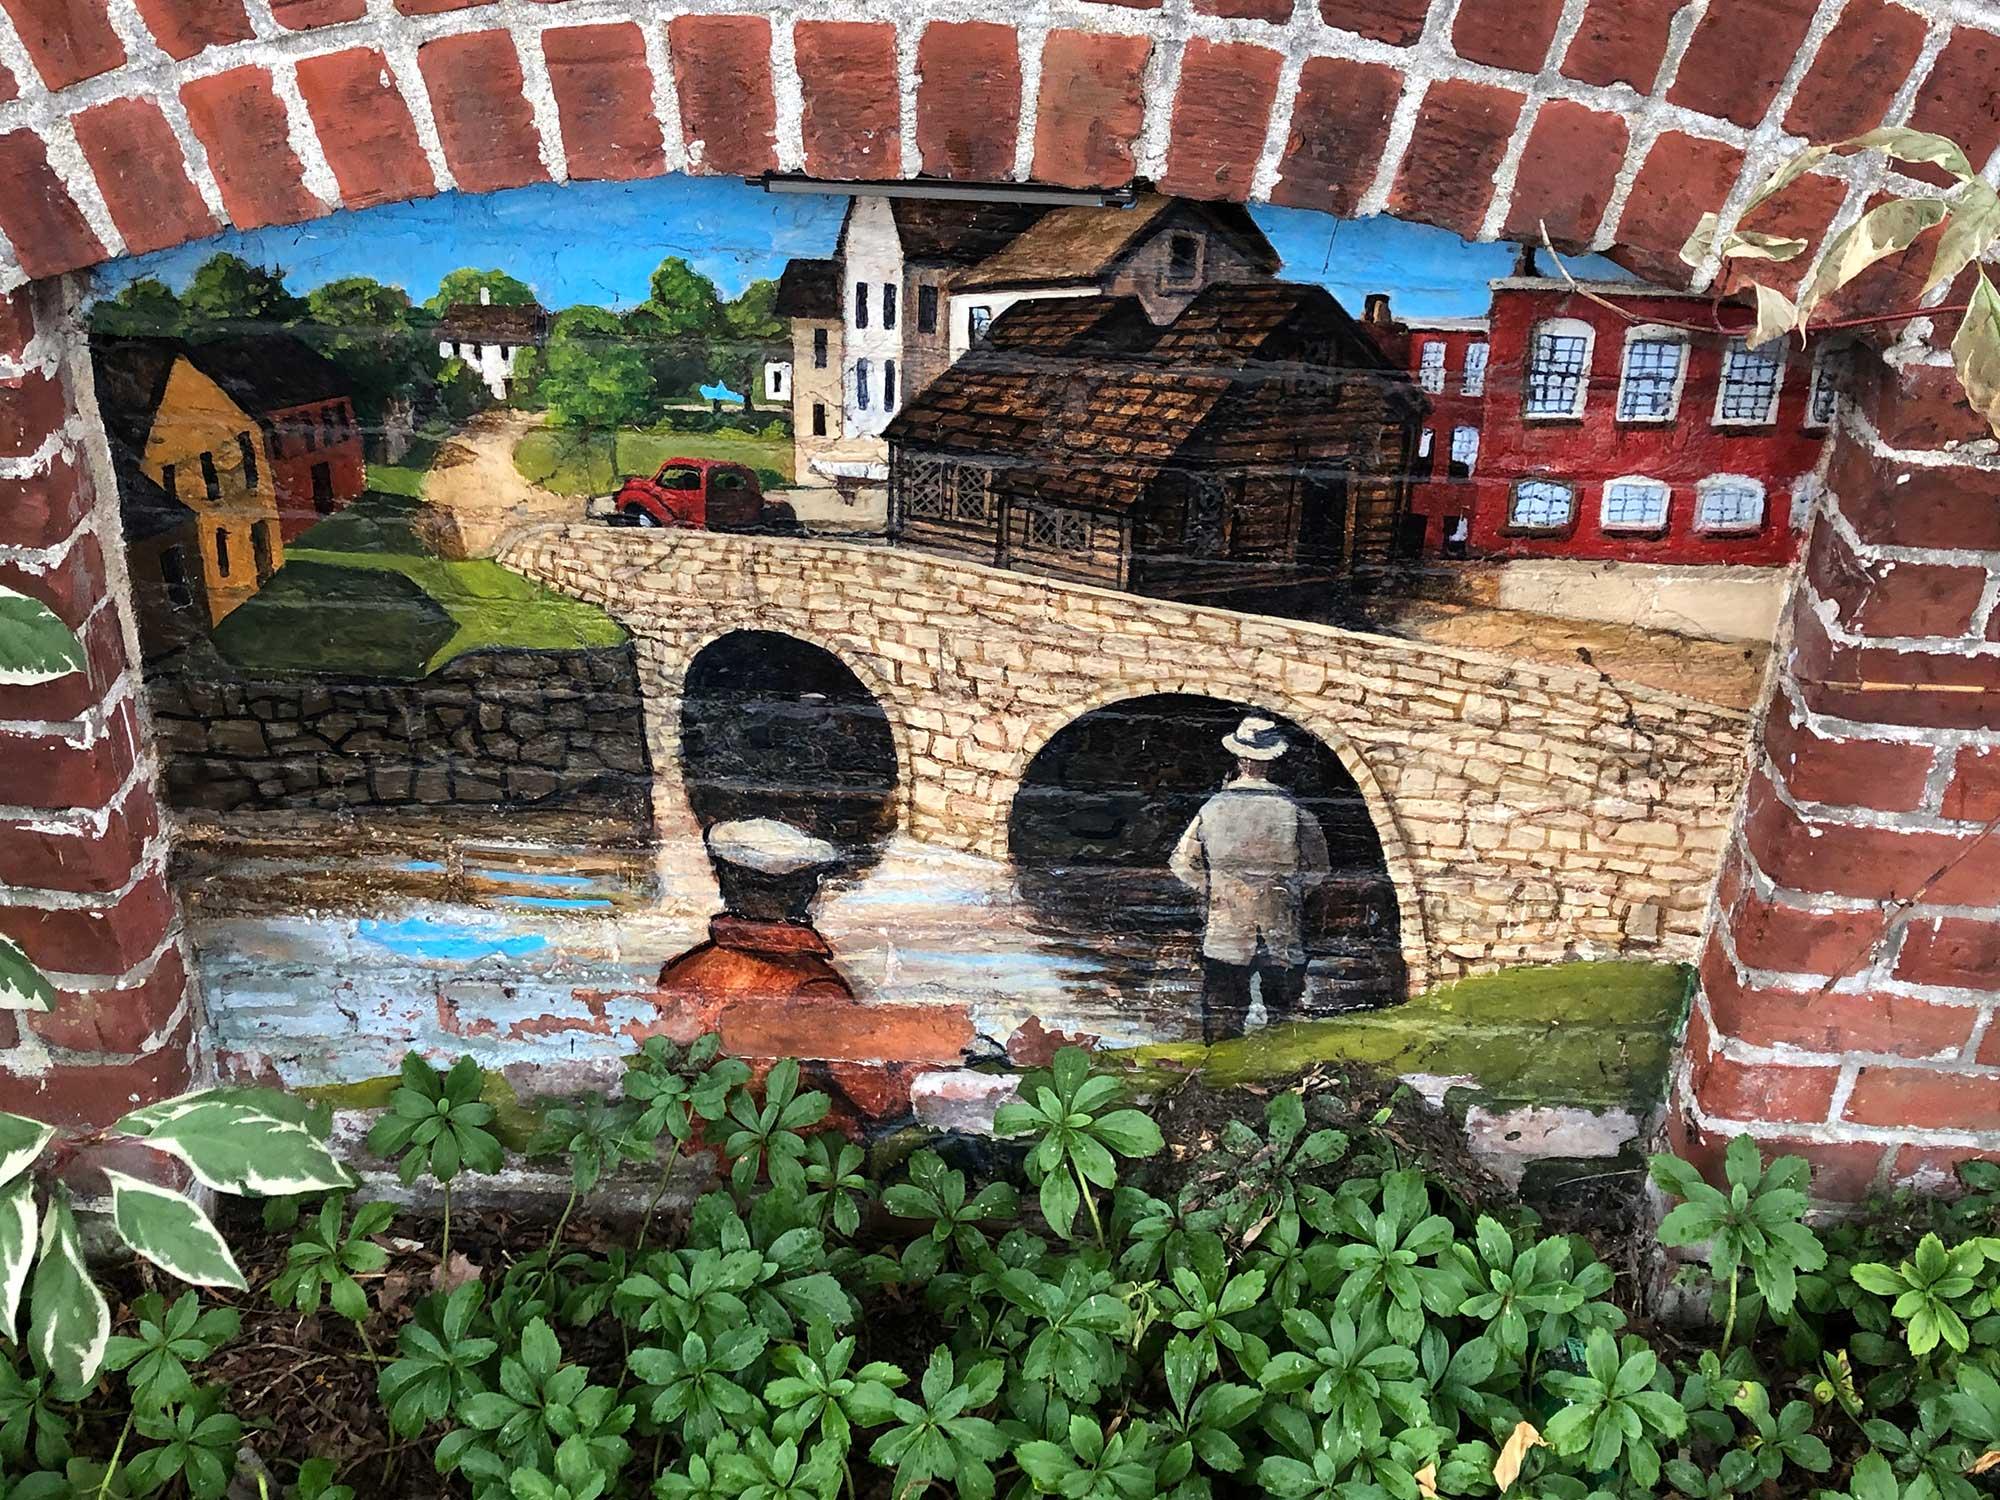 Ipswich History Mural